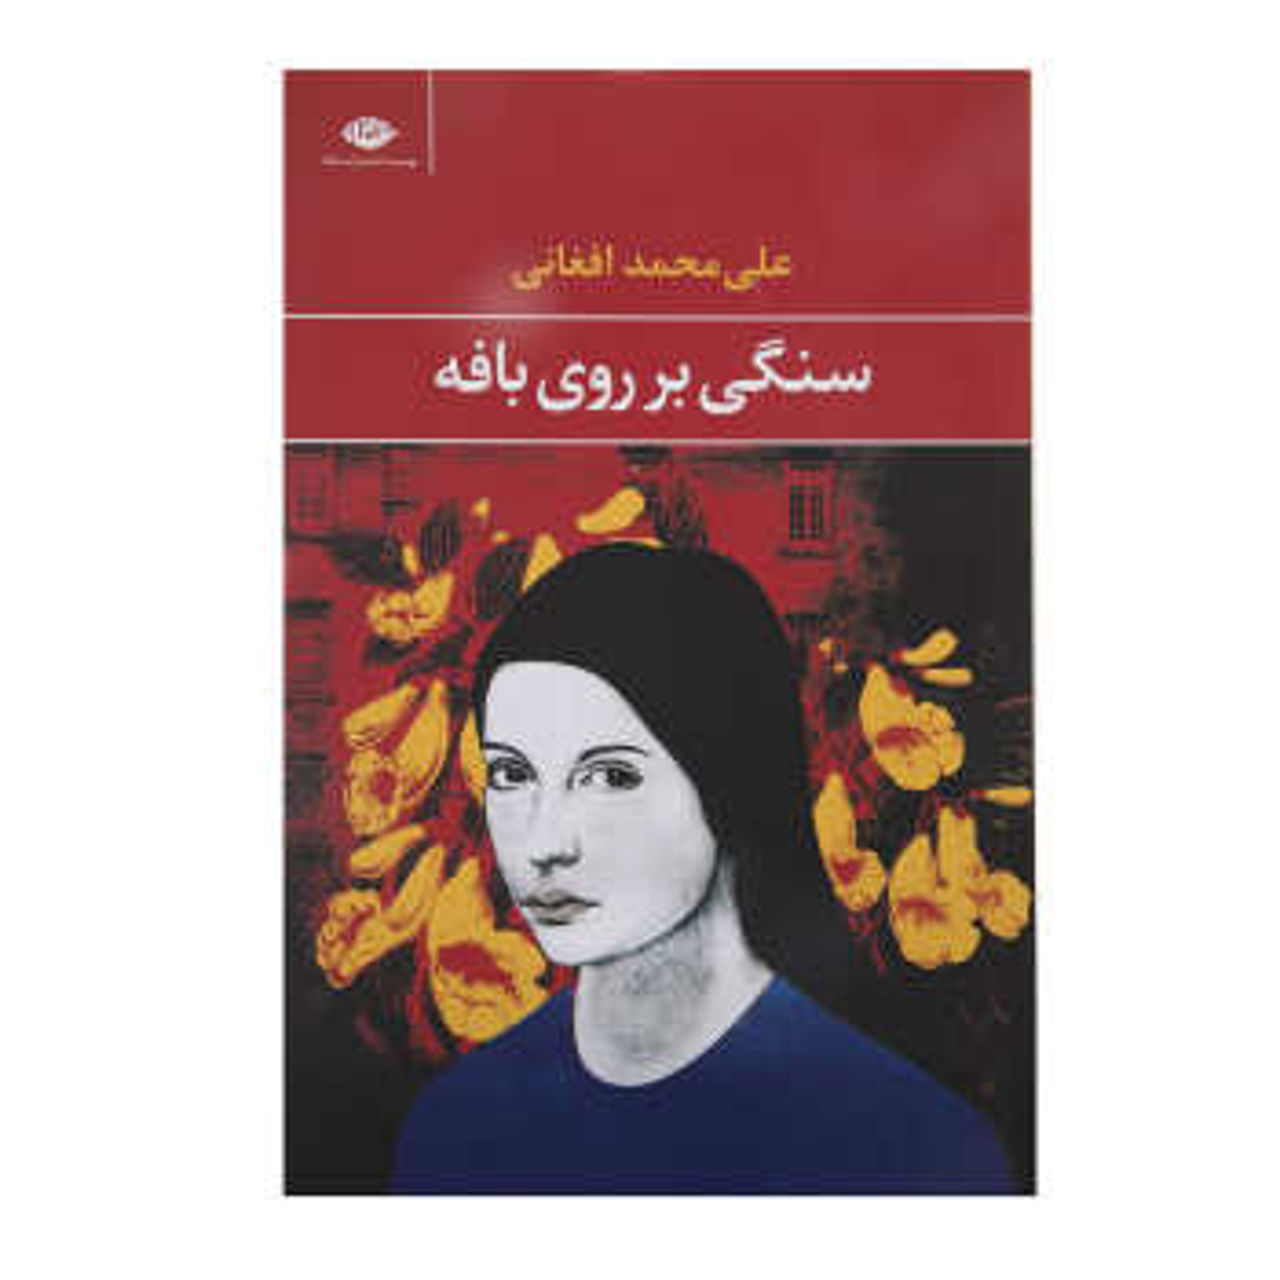 کتاب سنگی بر روی بافه اثر علی محمد افغانی